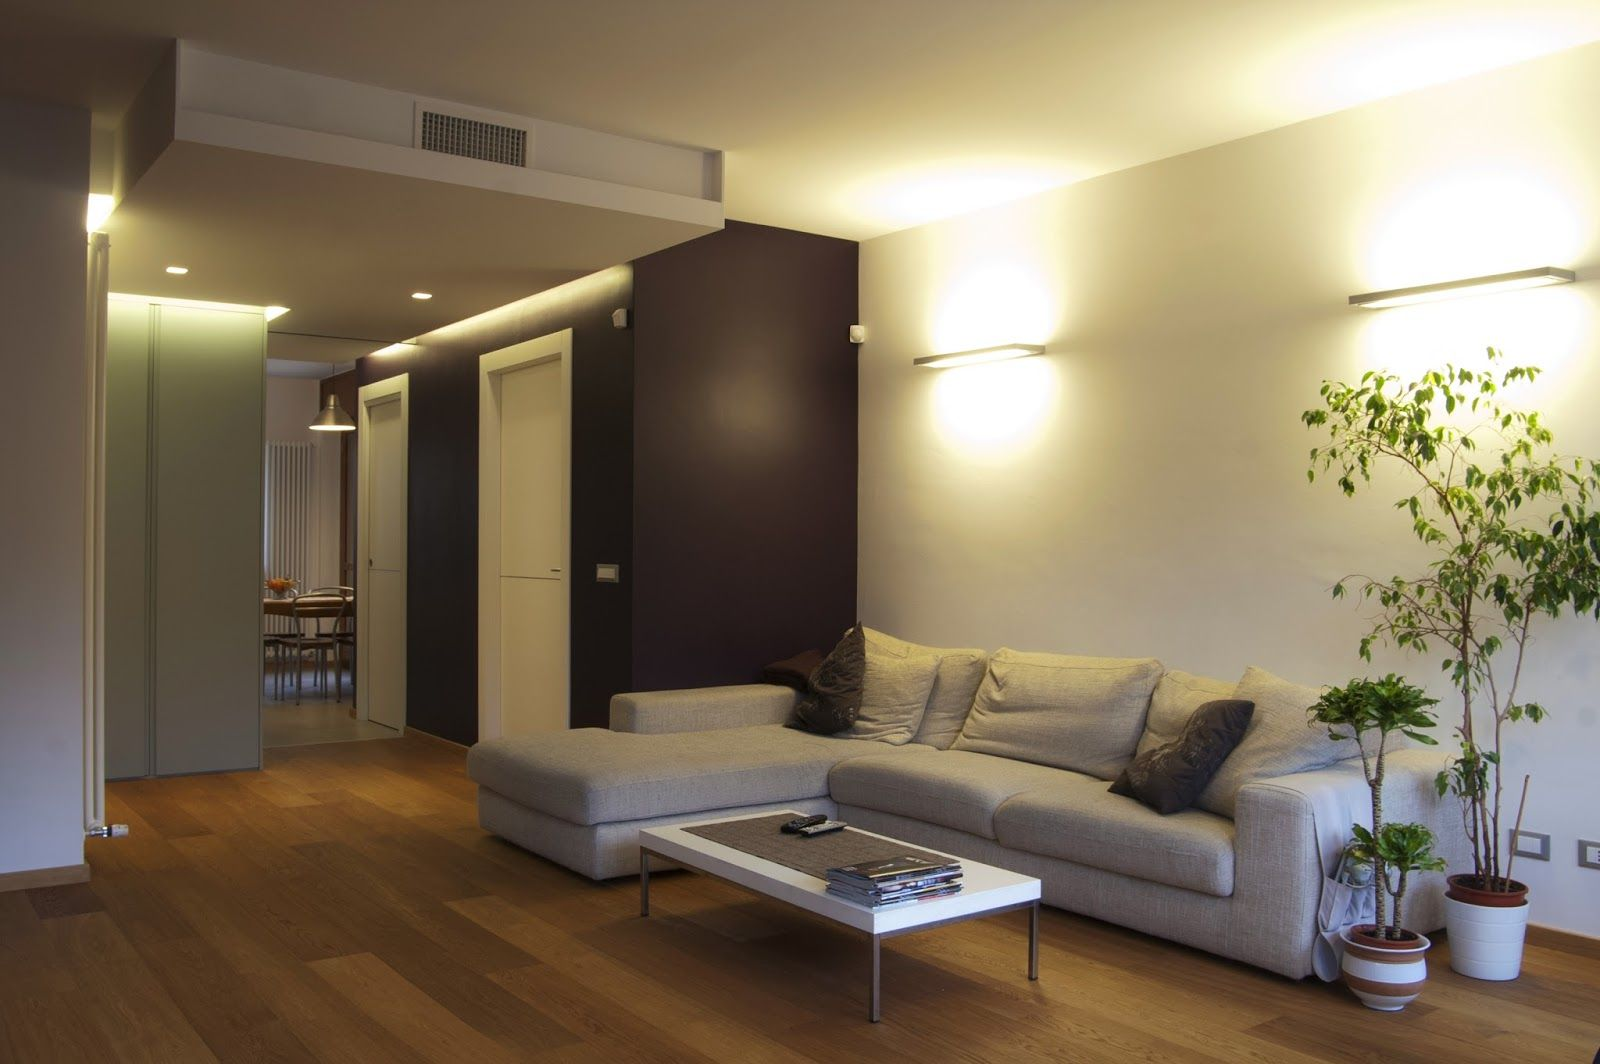 Idee per illuminazione soggiorno cerca con google tutto un po home